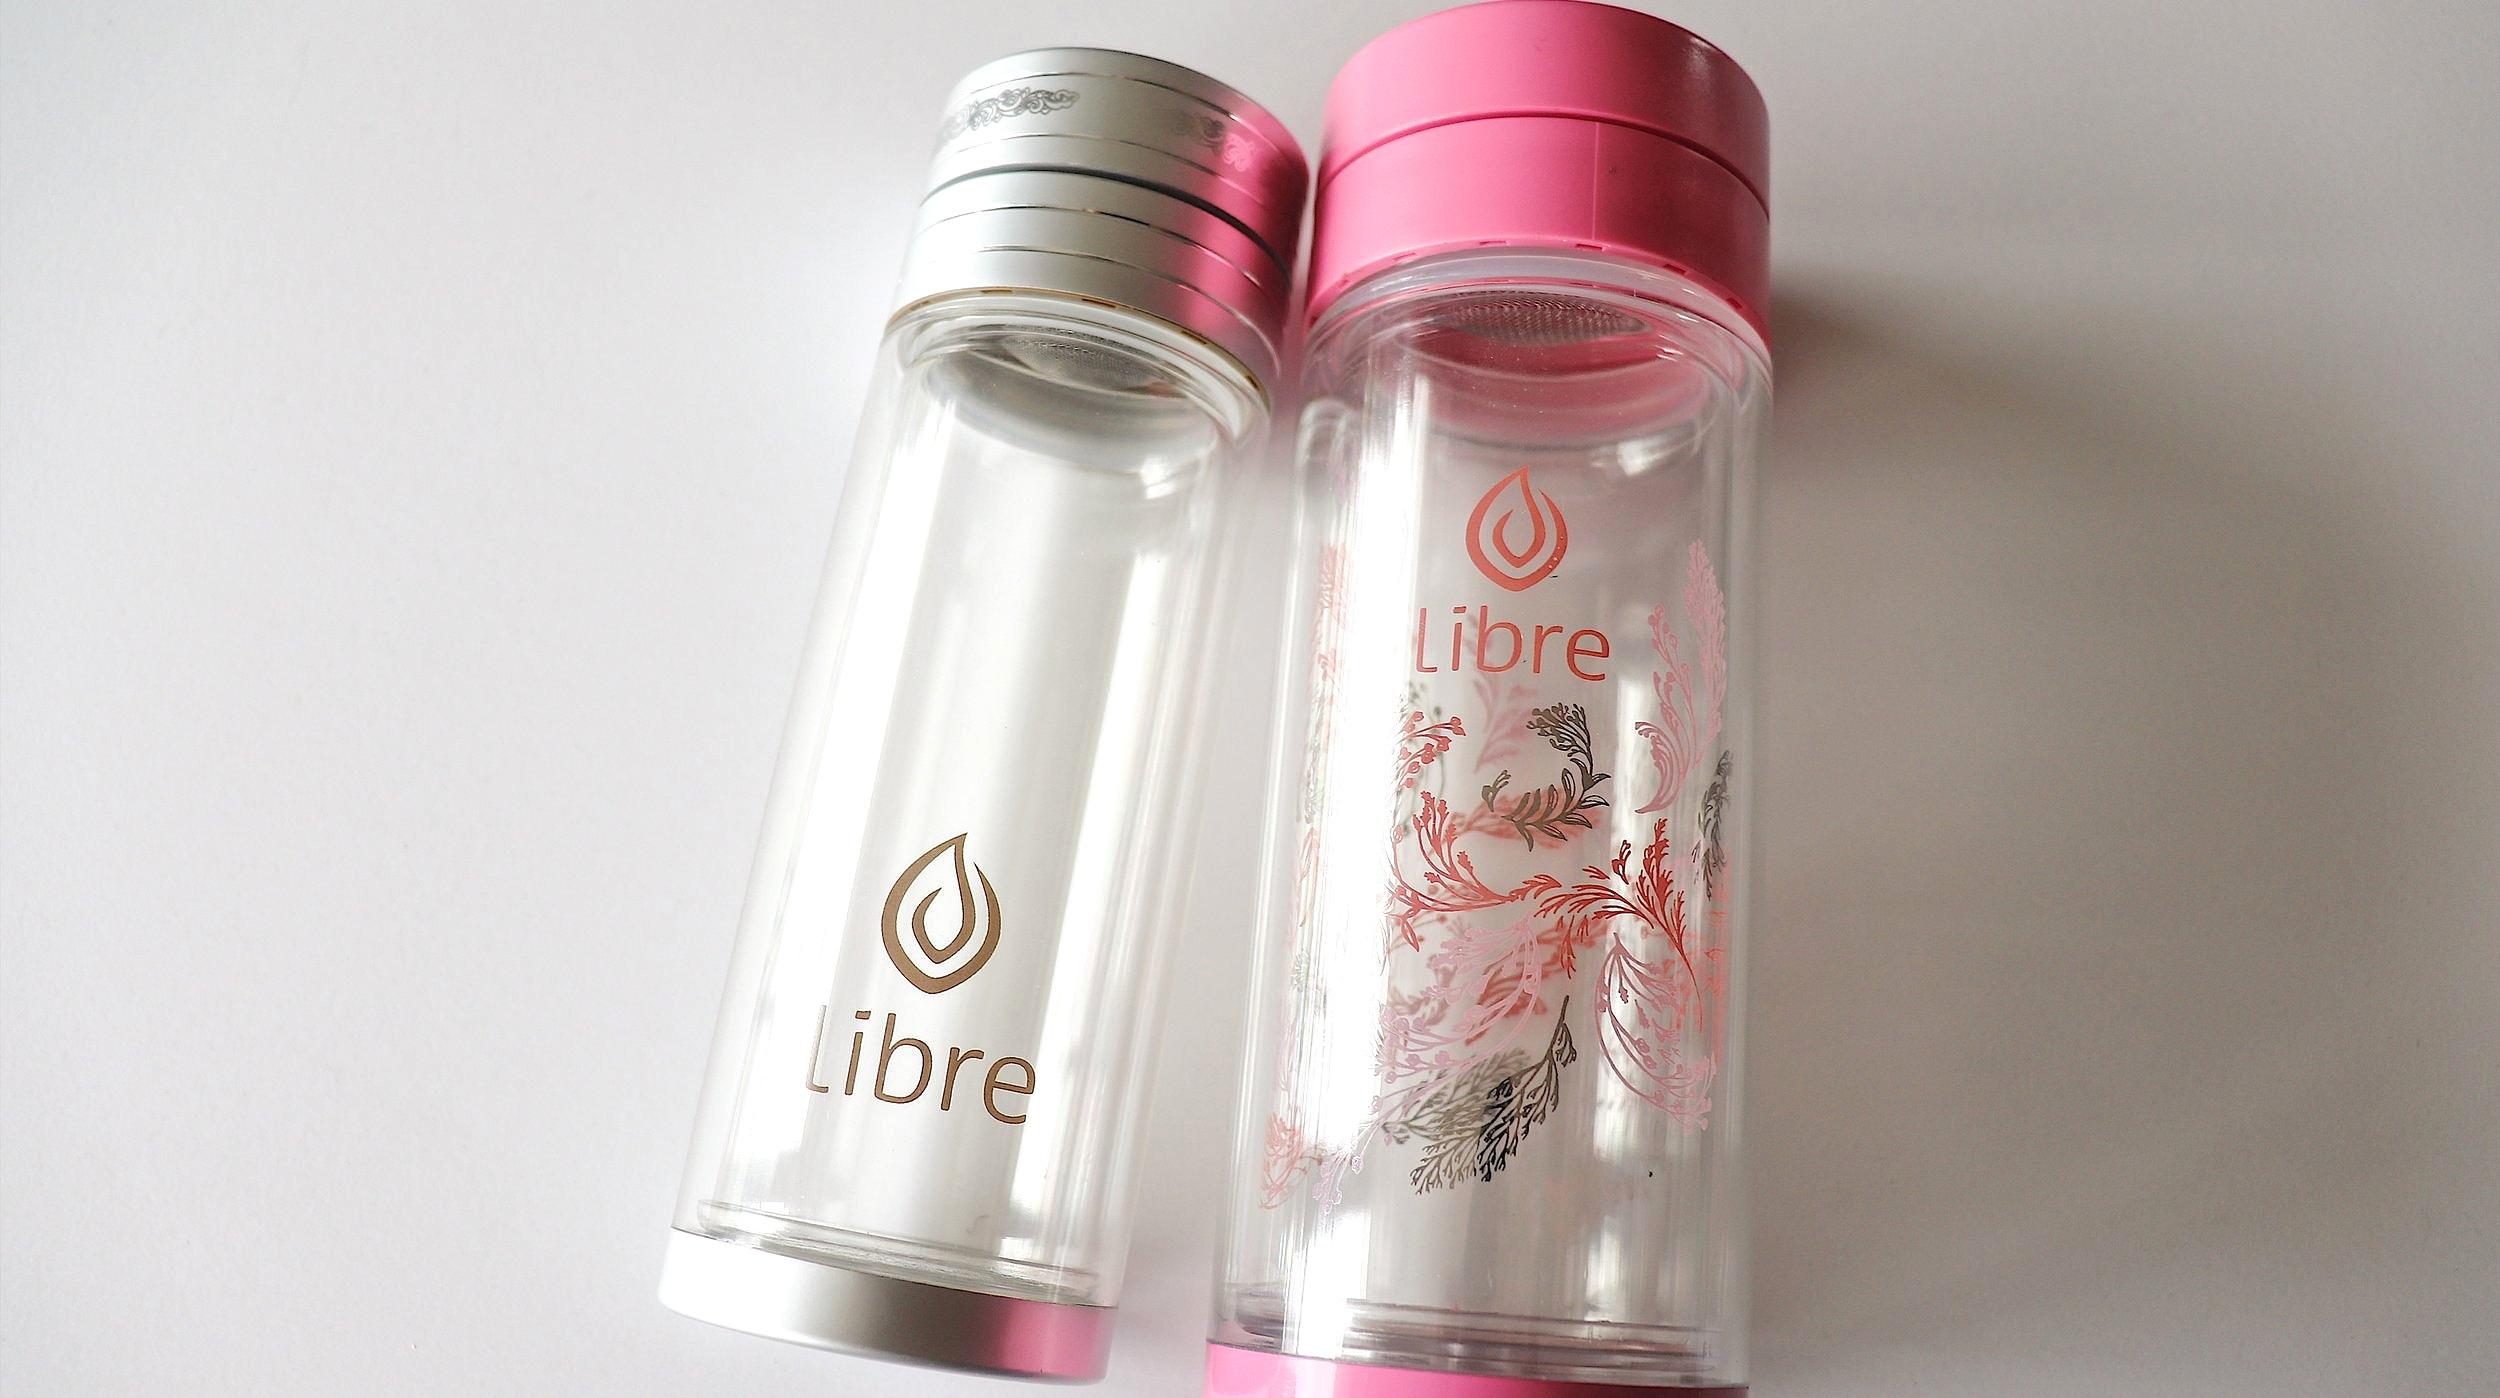 LibreTInfusers.jpg